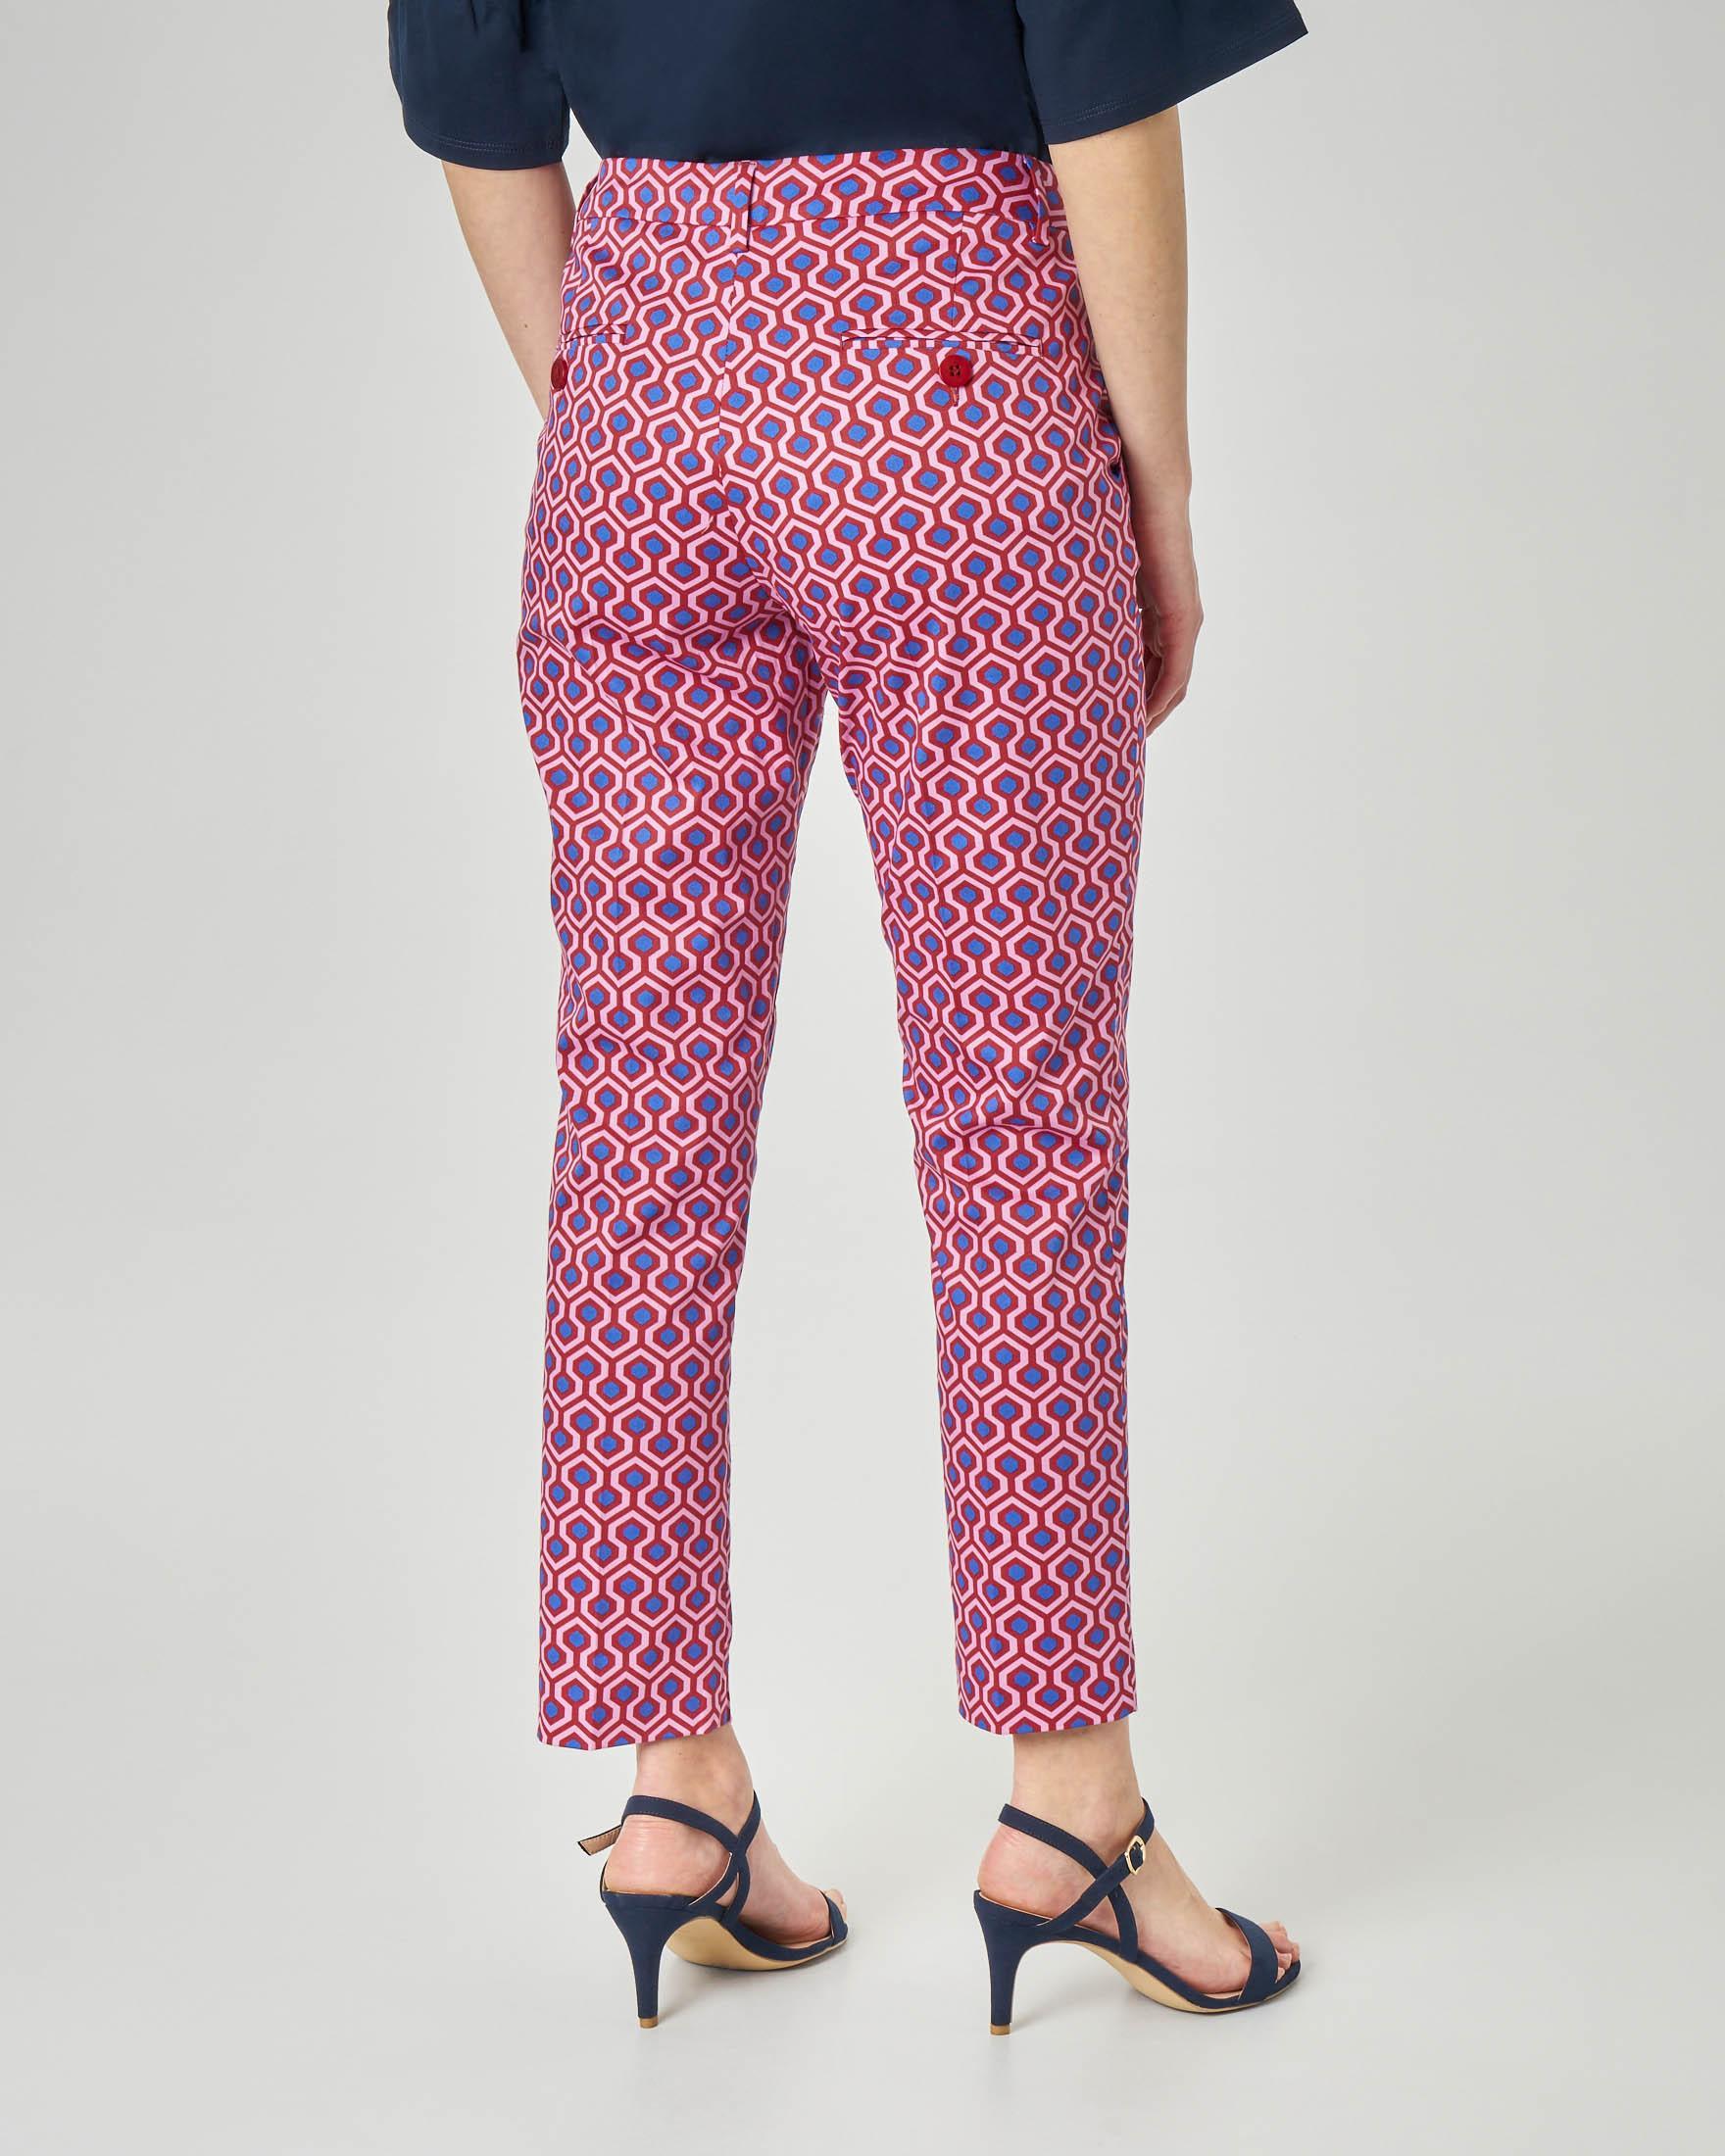 Pantaloni dritti in cotone elasticizzato con piega a stampa geometrica rossa e blu